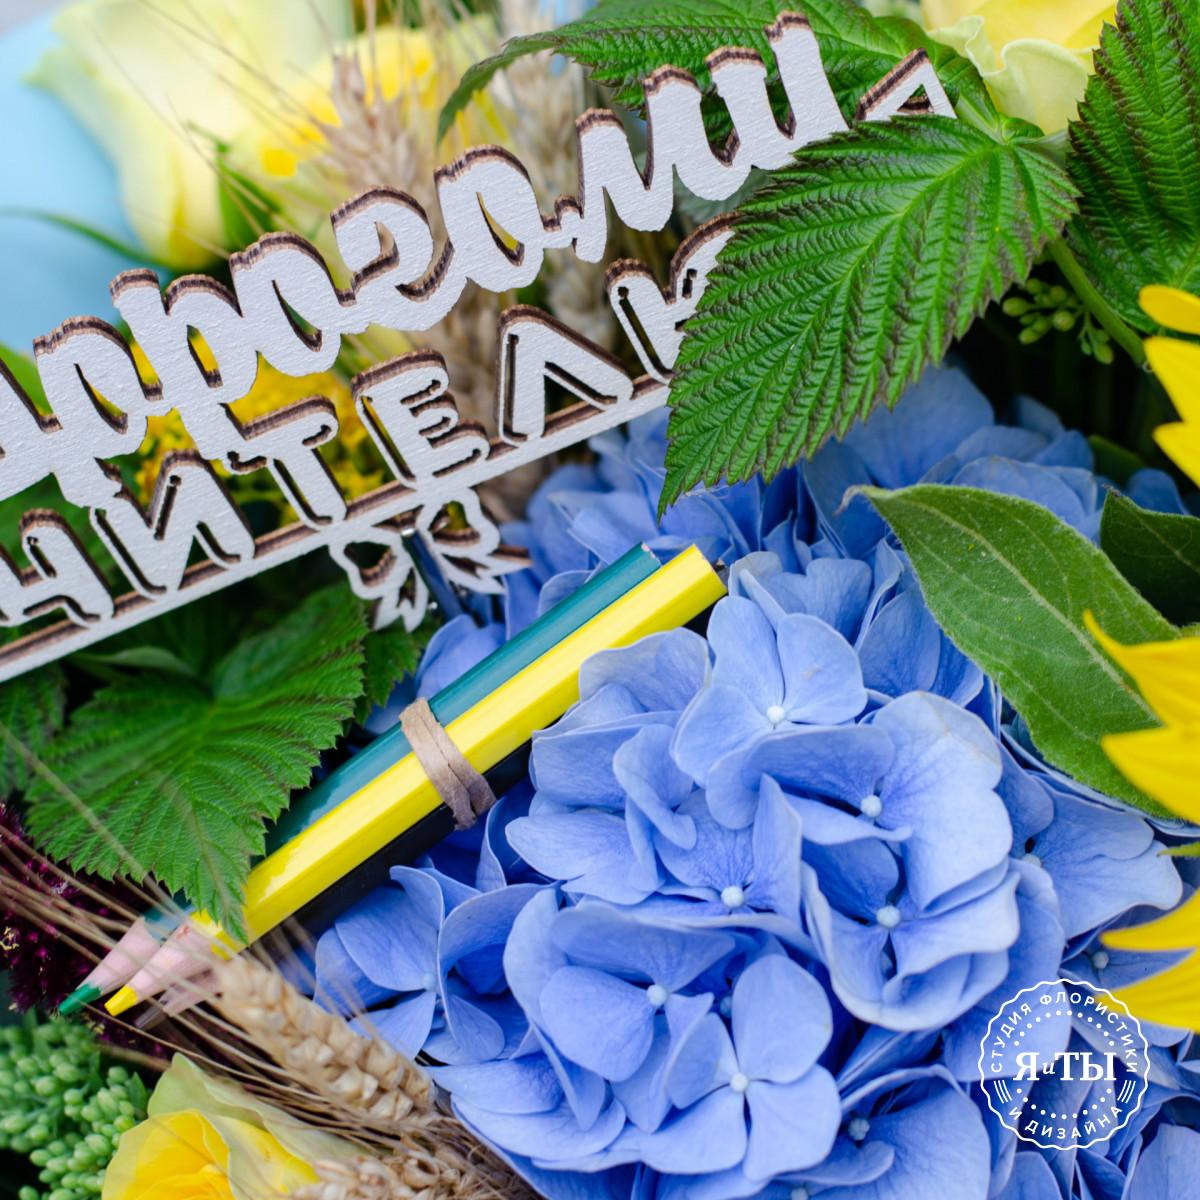 Желто - голубой букет с гортензией и подсолнухом